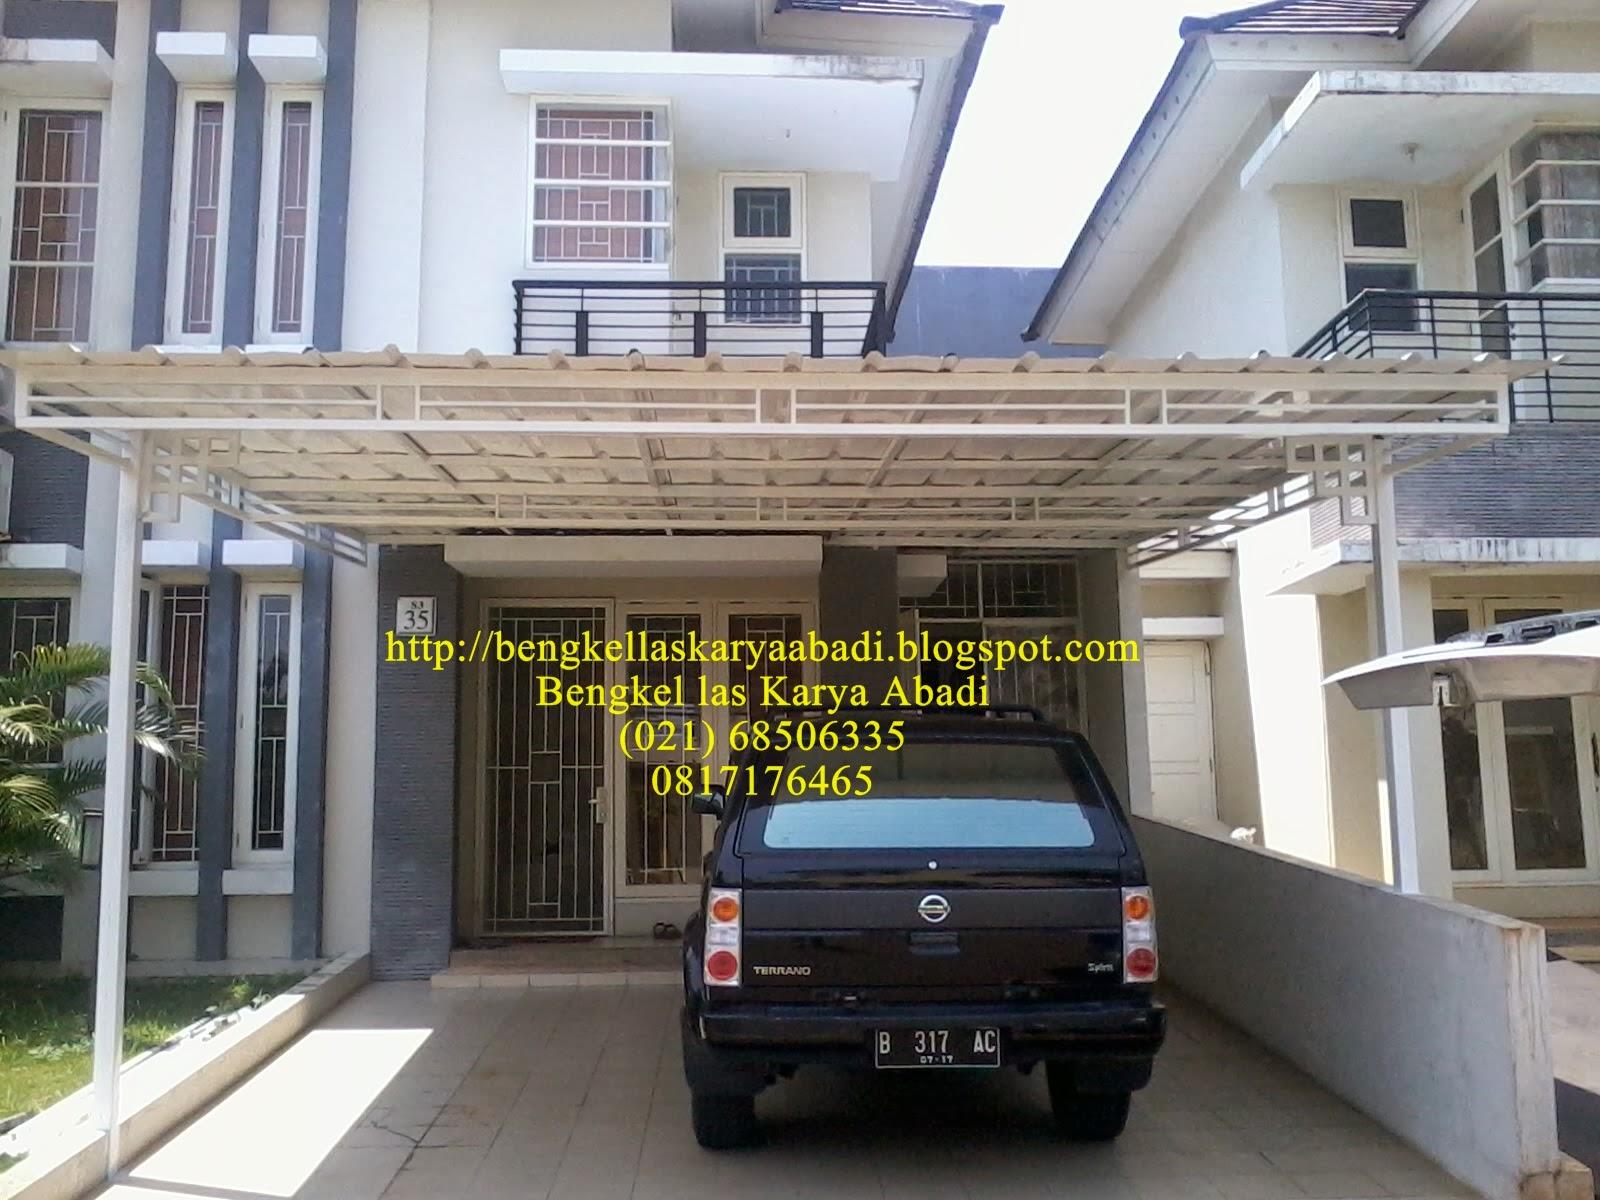 Contoh Kanopi Baja Ringan Atap Spandek Bengkel Las Karya Abadi : Gambar /canopy ...